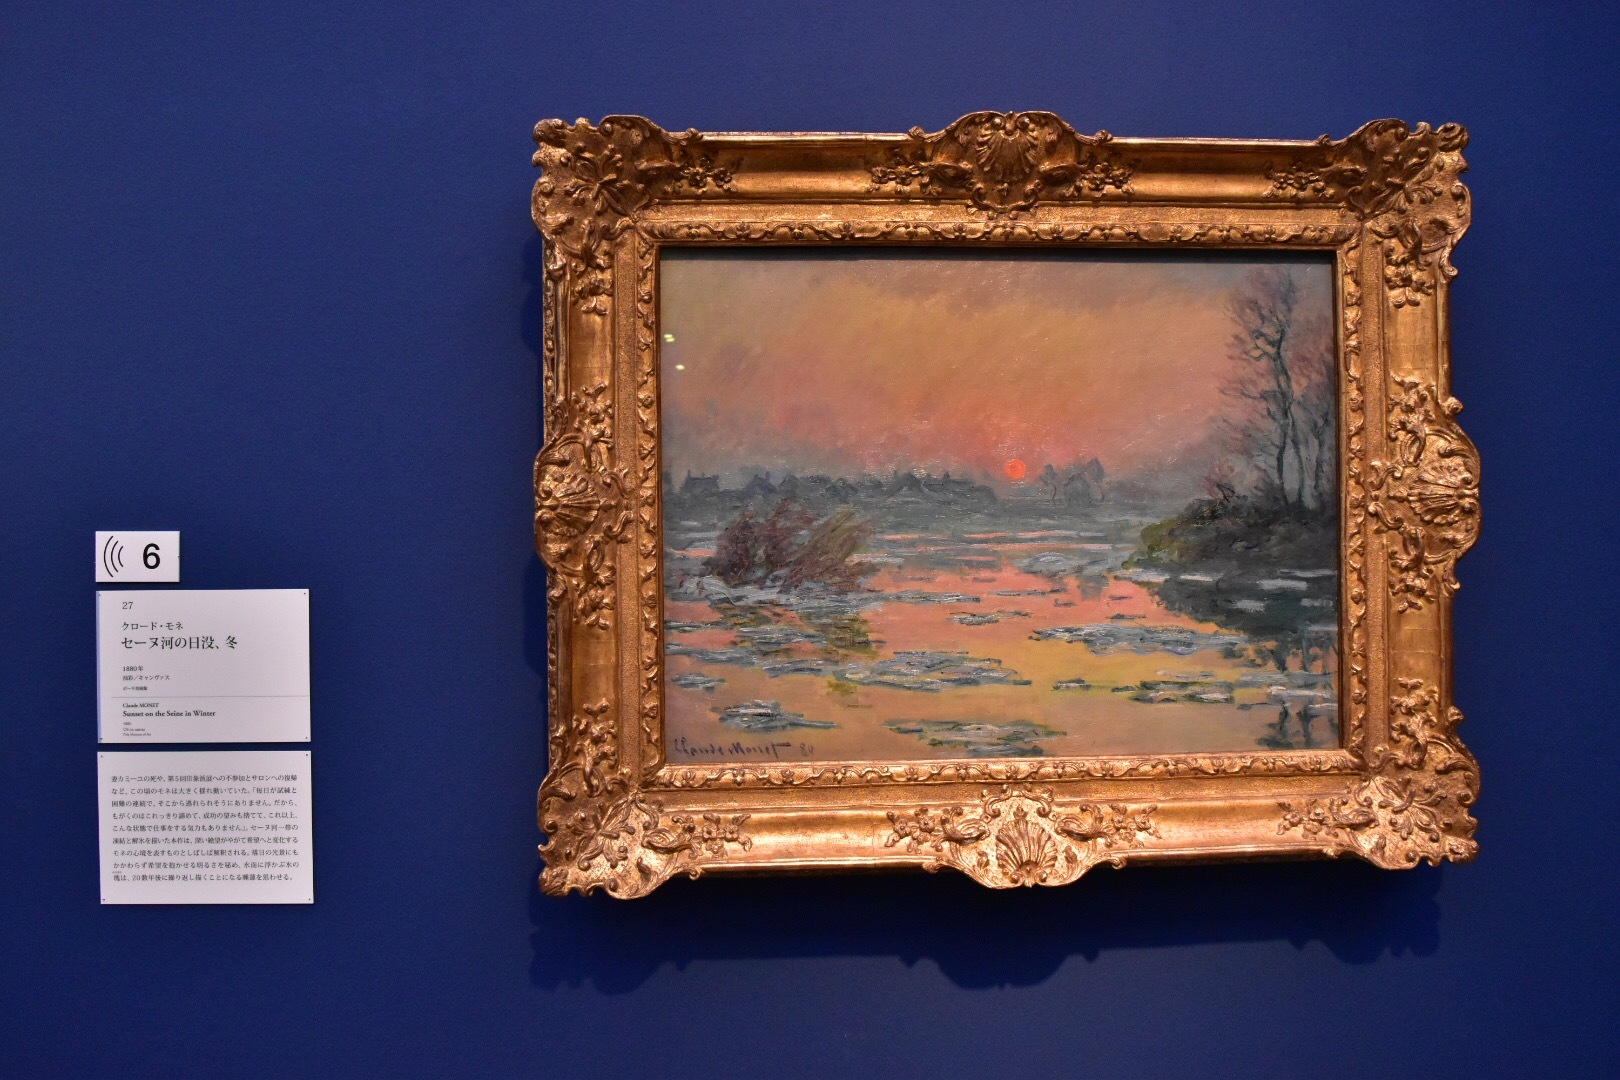 クロード・モネ 《セーヌ河の日没、冬》1880年 ポーラ美術館